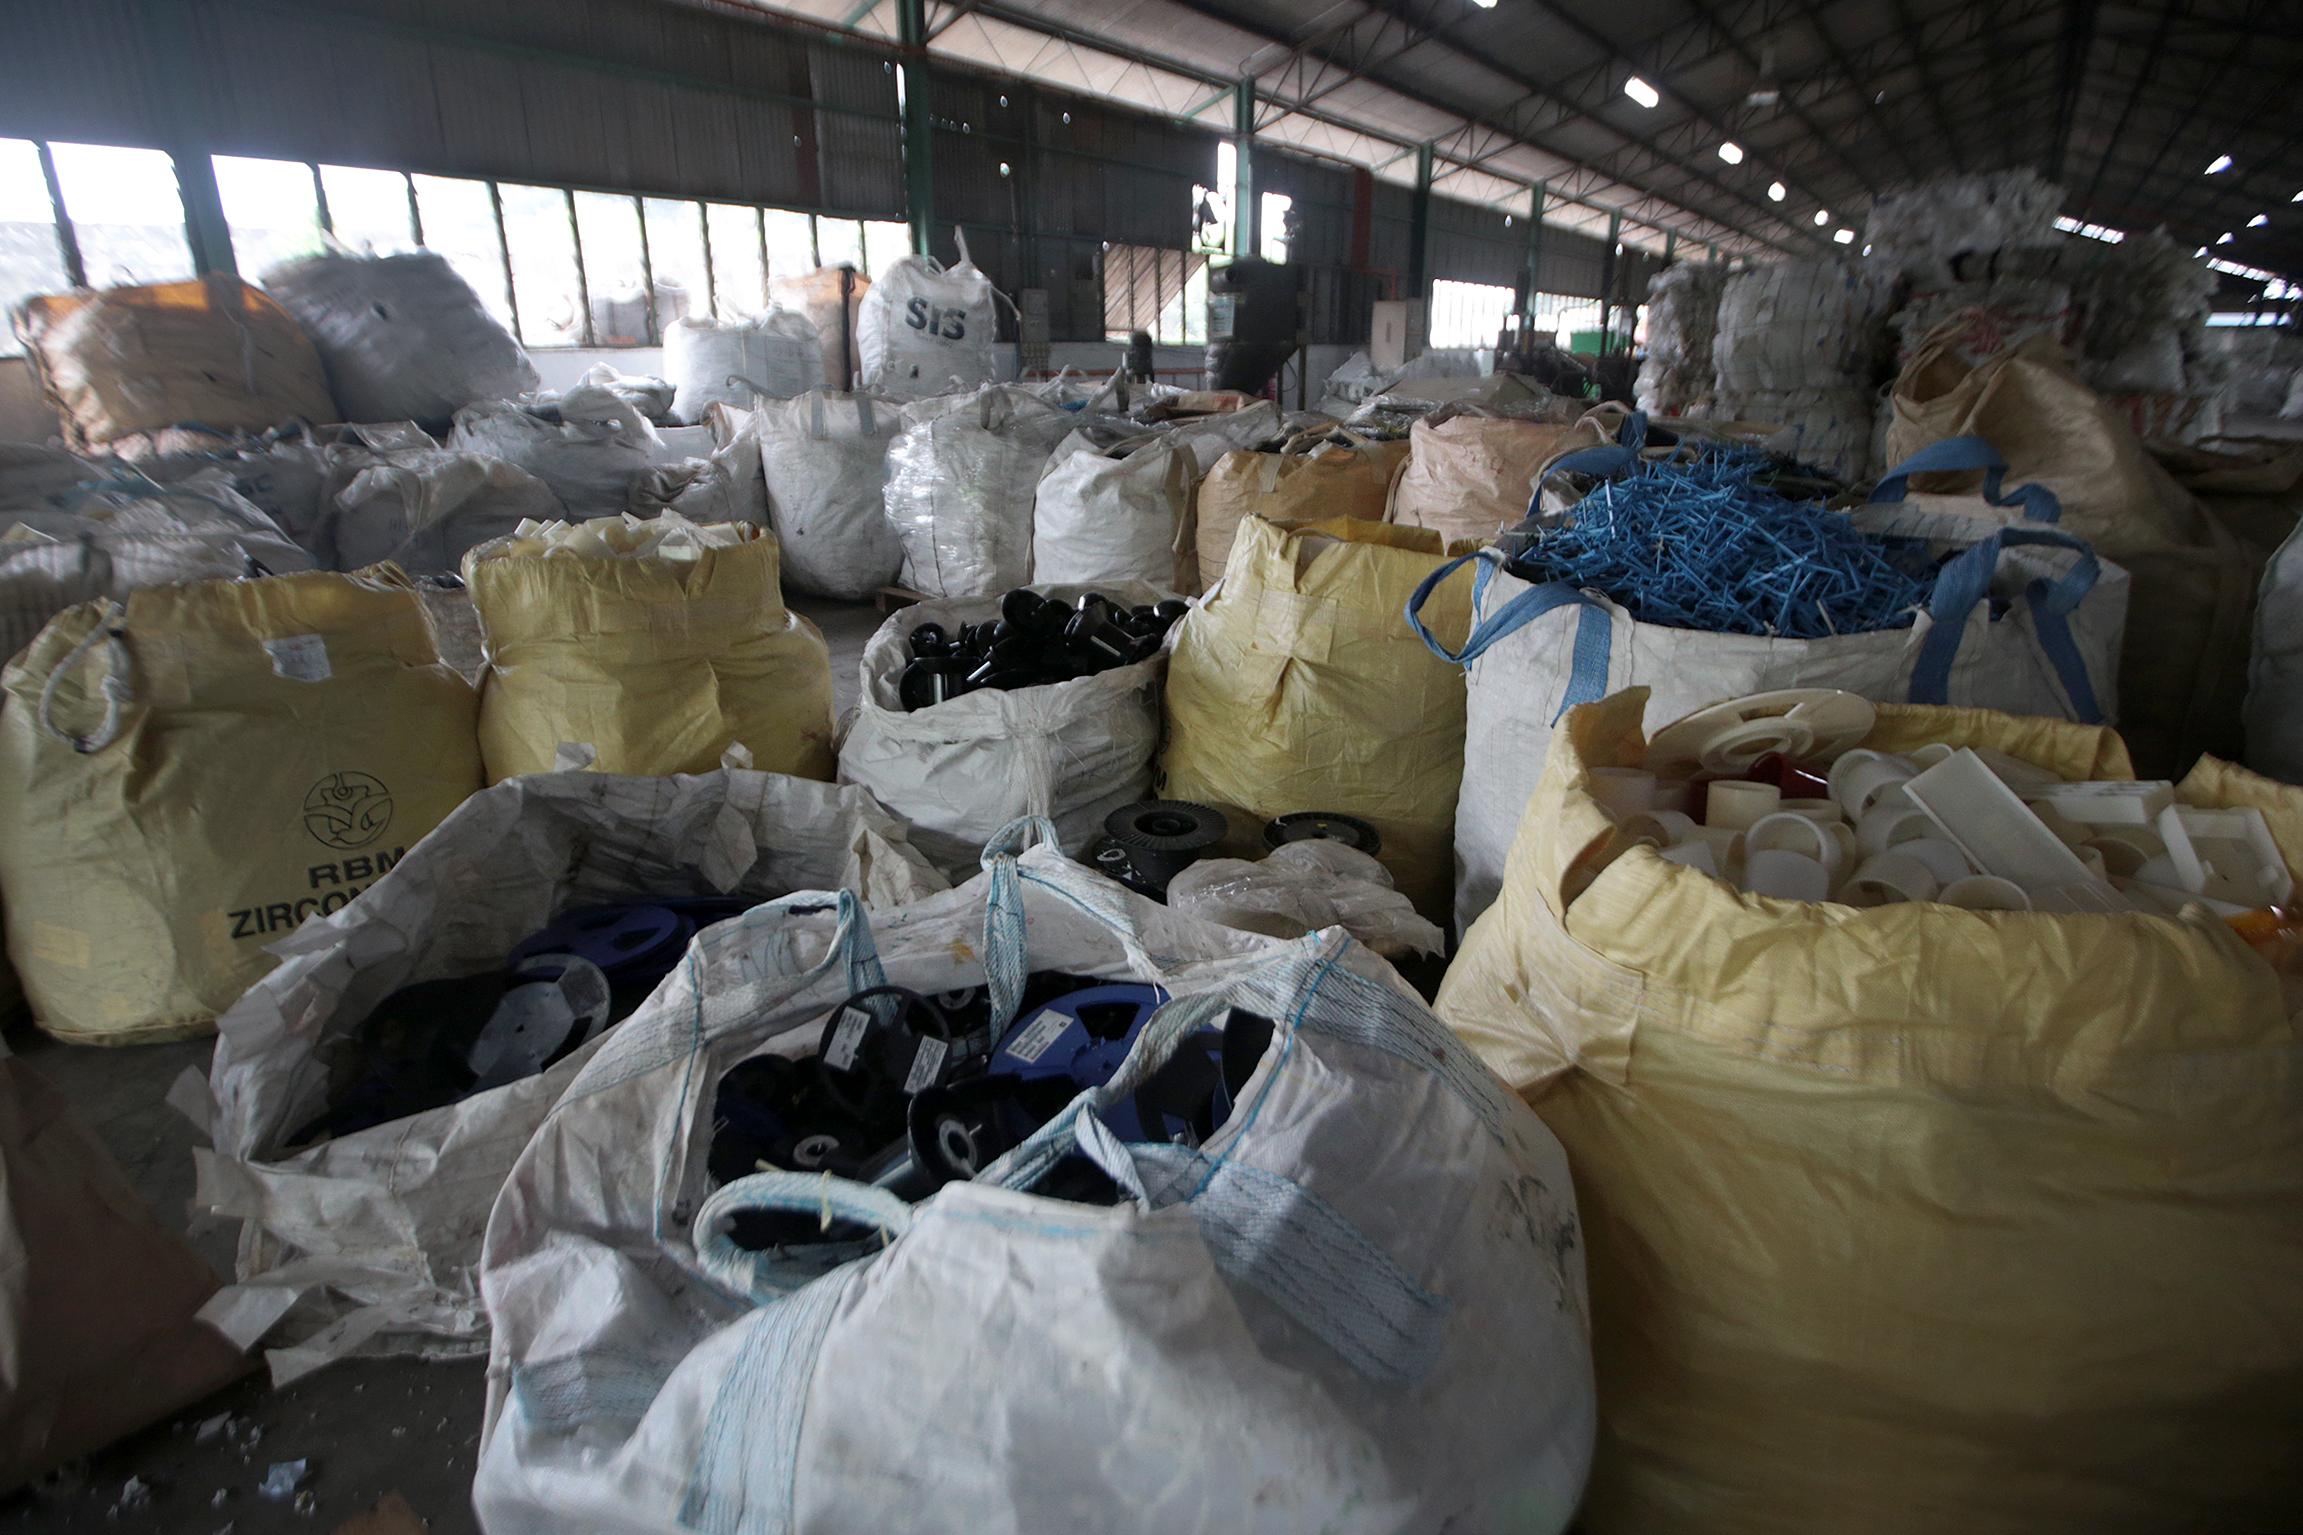 Các công nhân phân loại rác thải nhựa theo loại, kích cỡ và màu sắc. Giám đốc quản lý V1 Recycle, ông Richard Limmcho biết quá trình phân loại là một trong những khâu tốn kém nhất của quá trình tái chế, đòi hỏi máy móc hiện tạo và lao động tay nghề cao.